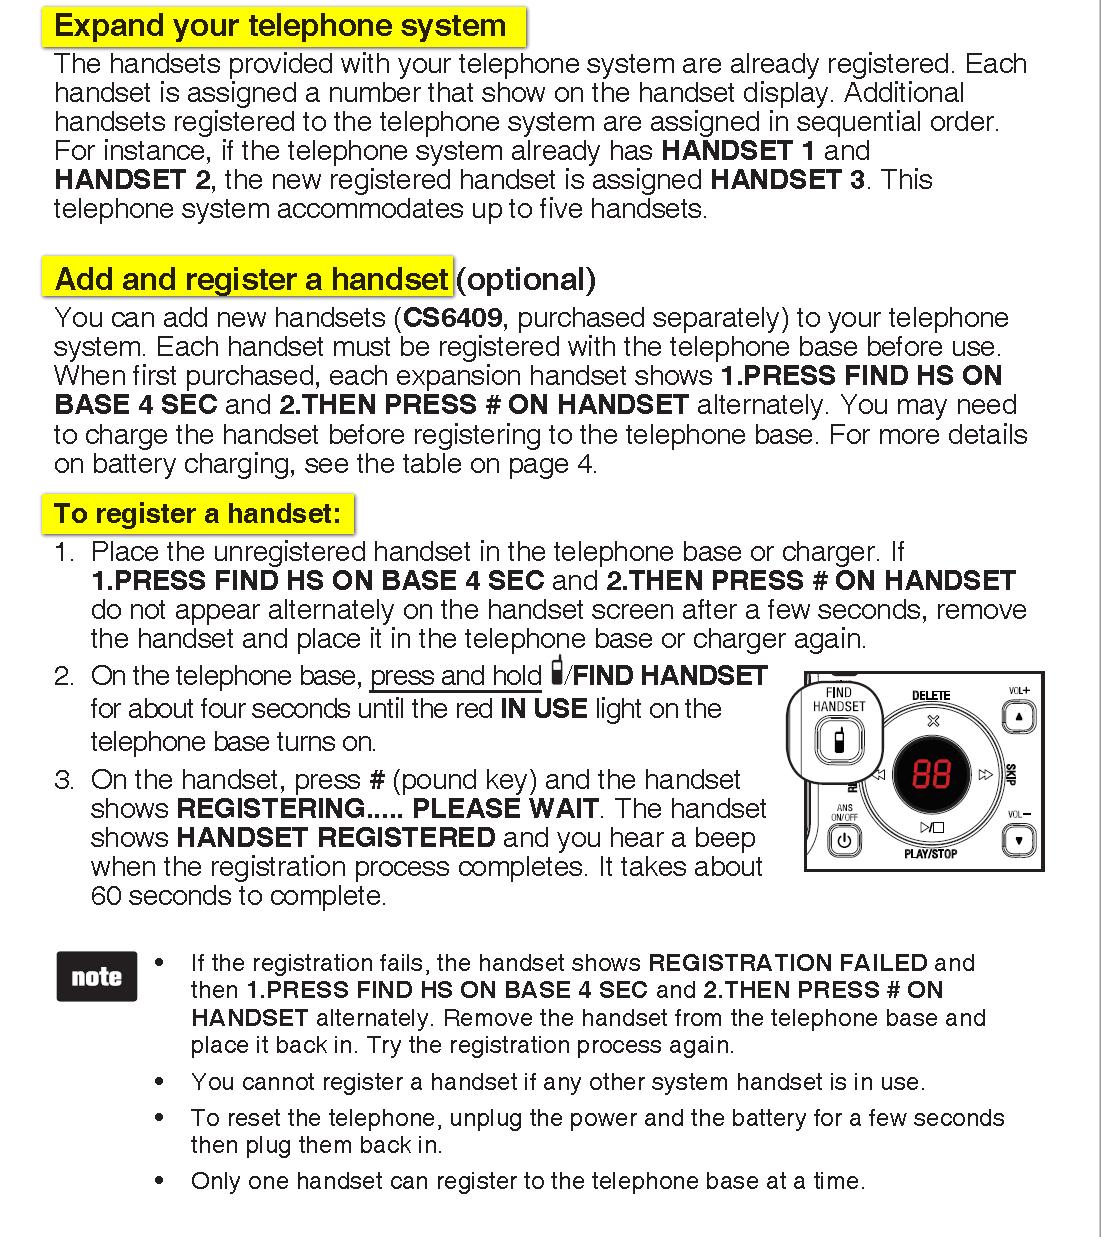 811628ff-cae9-4950-8e23-bb4f7f991718_6429-Reg-Handset.png